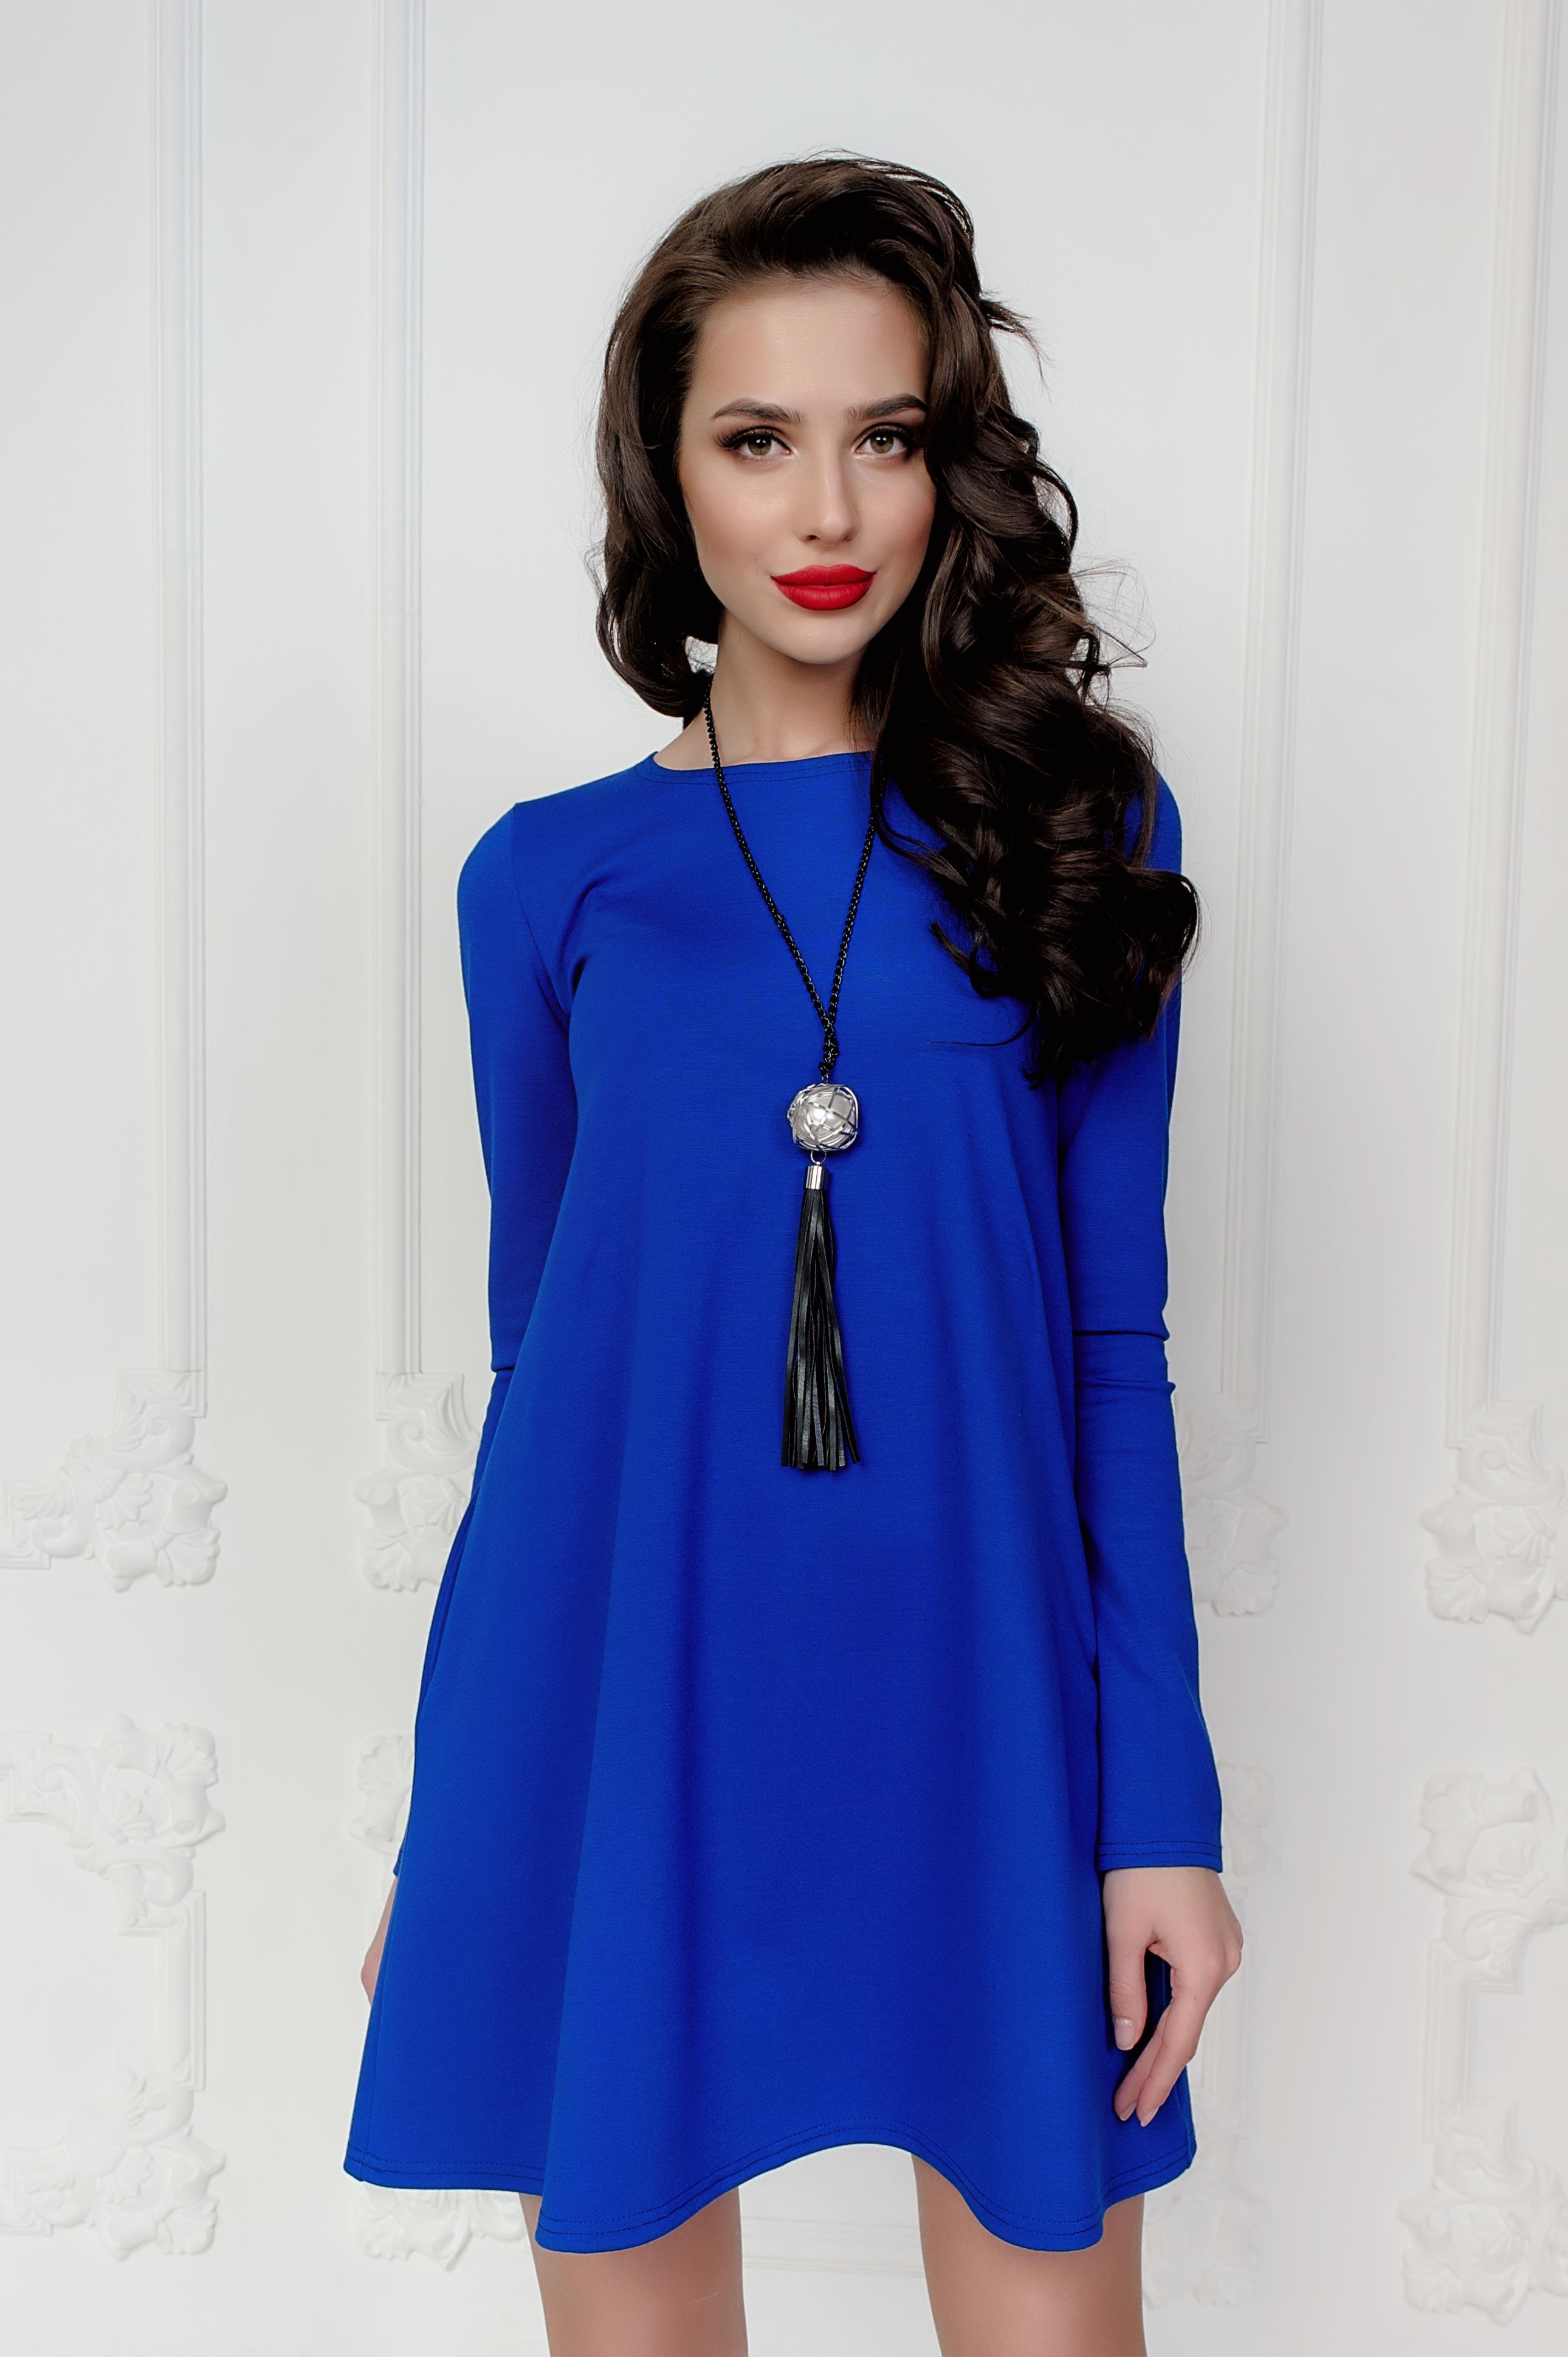 Сбор заказов. Ирма - новый образ для совершенной тебя! Вся женская одежда здесь: платья, брюки, юбки, спорт. Фабричное качество от производителя.